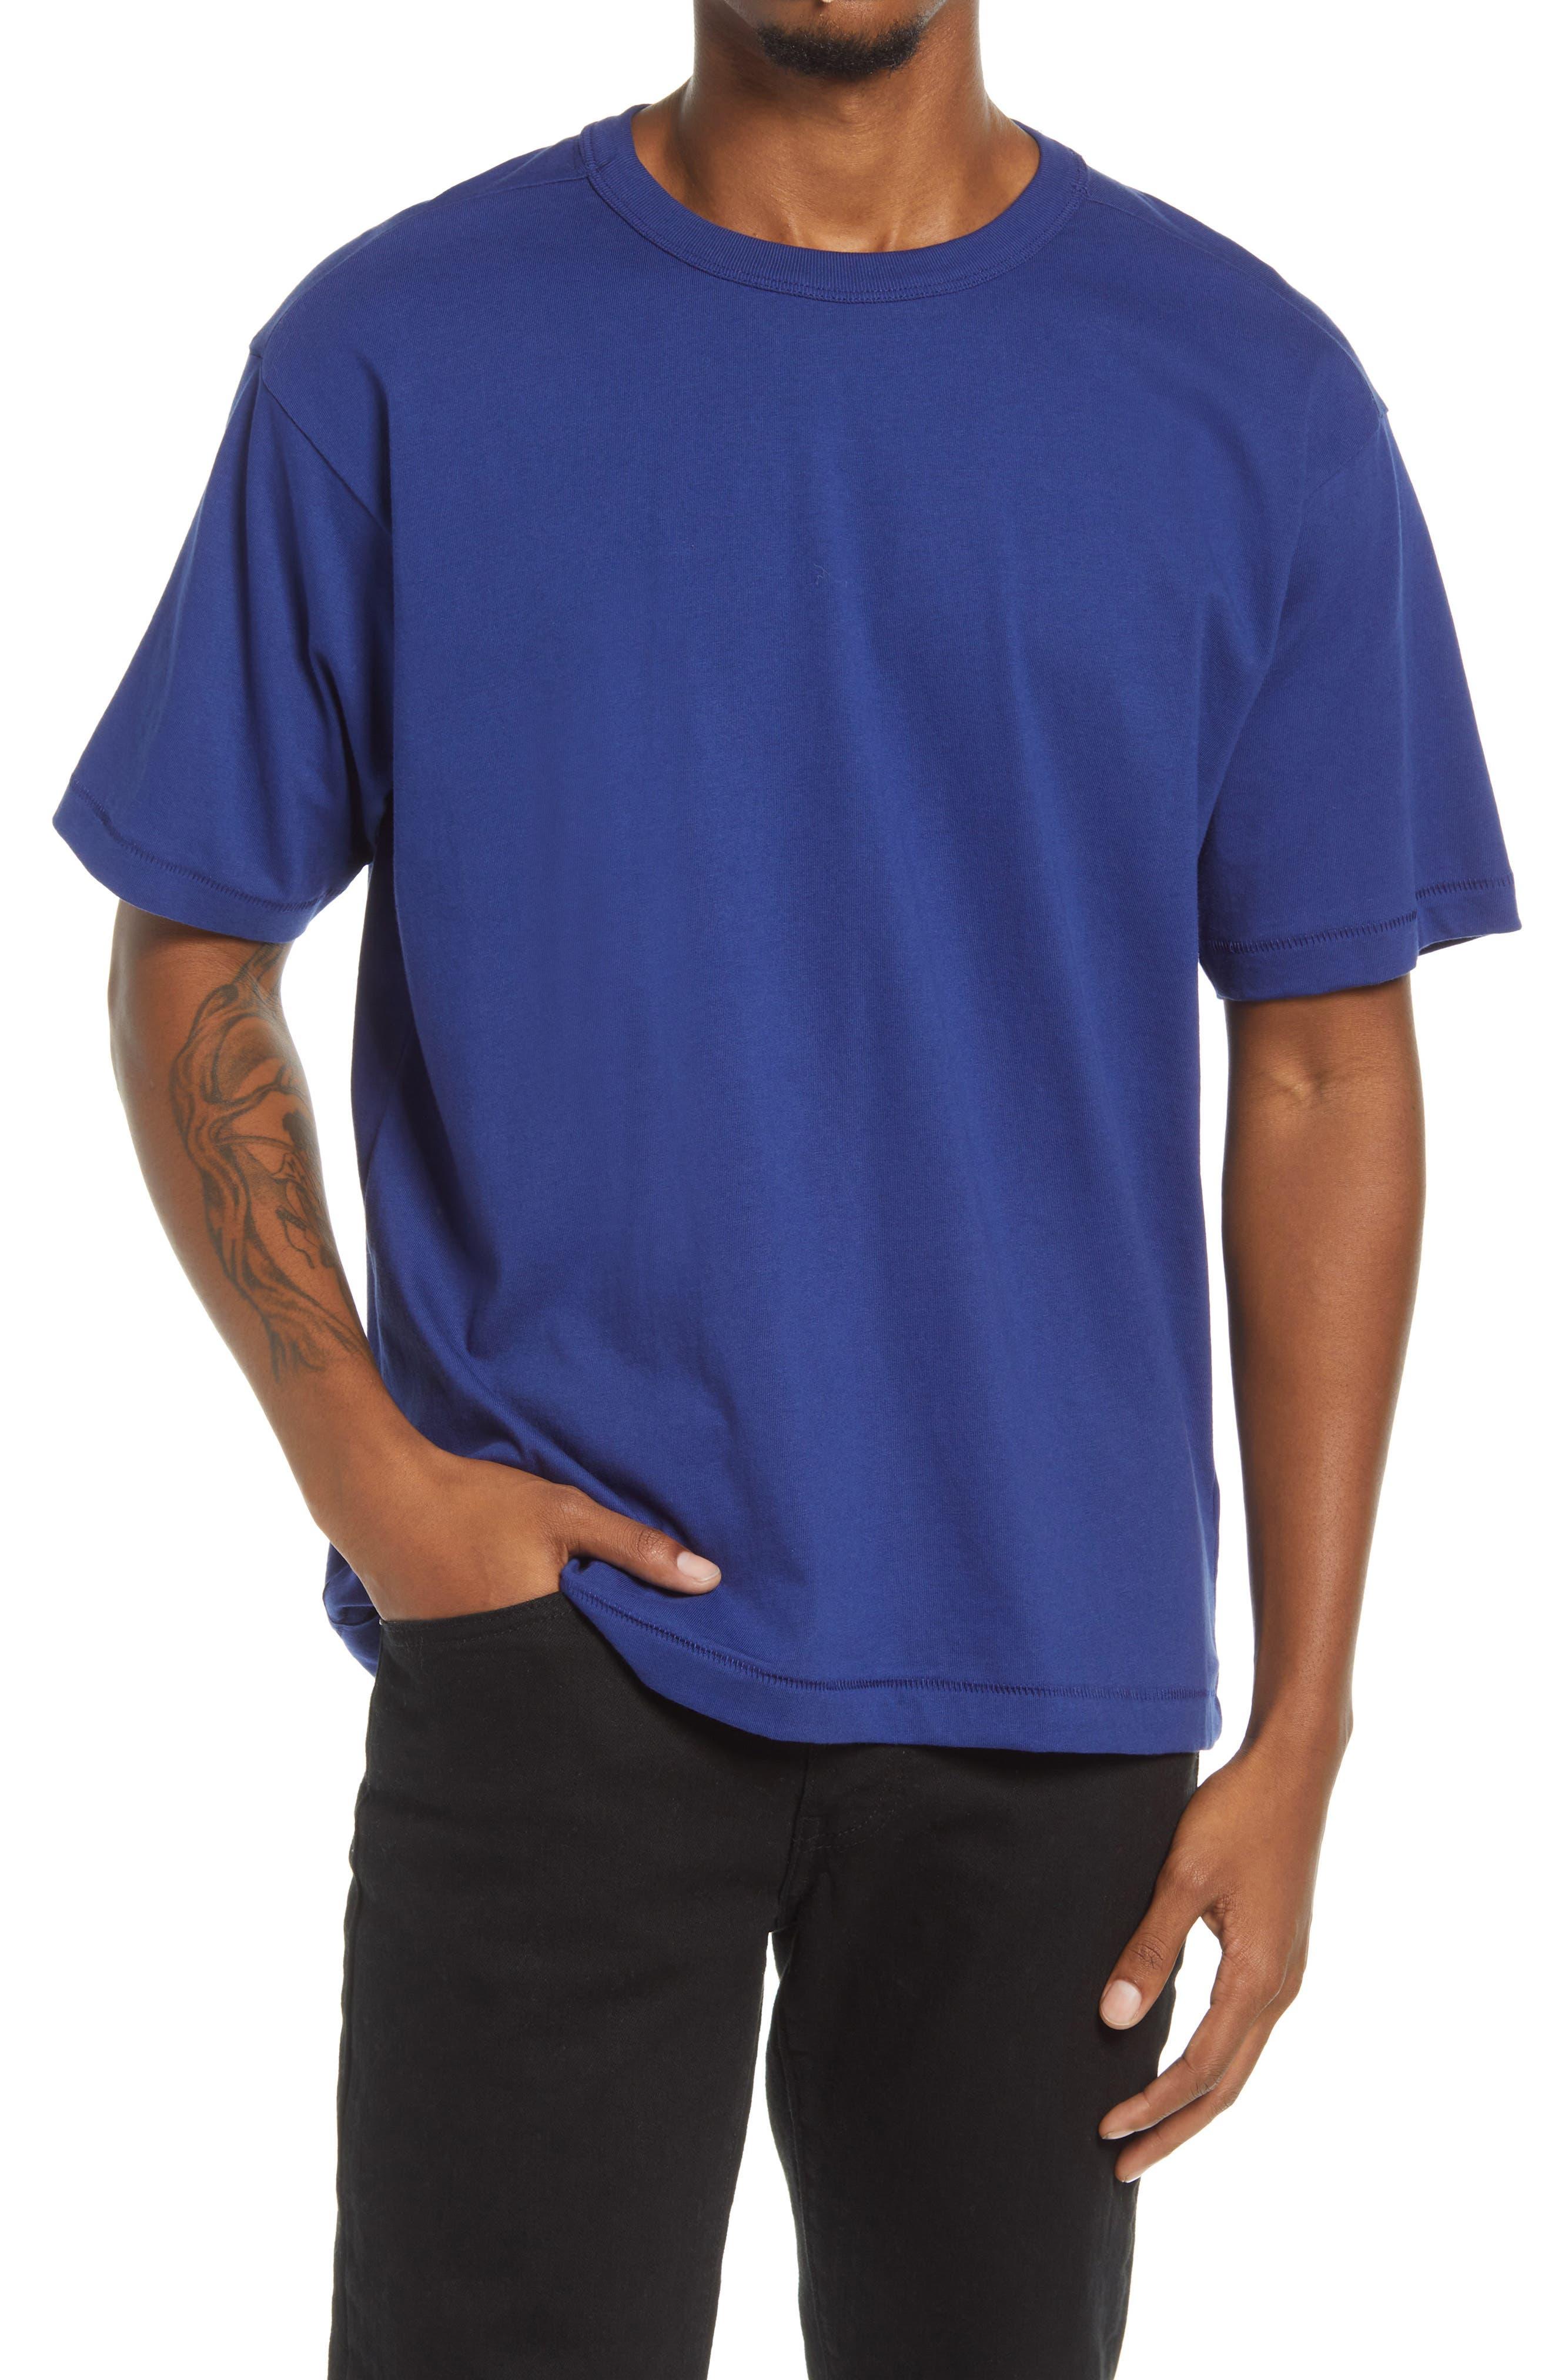 Solid Crewneck T-Shirt